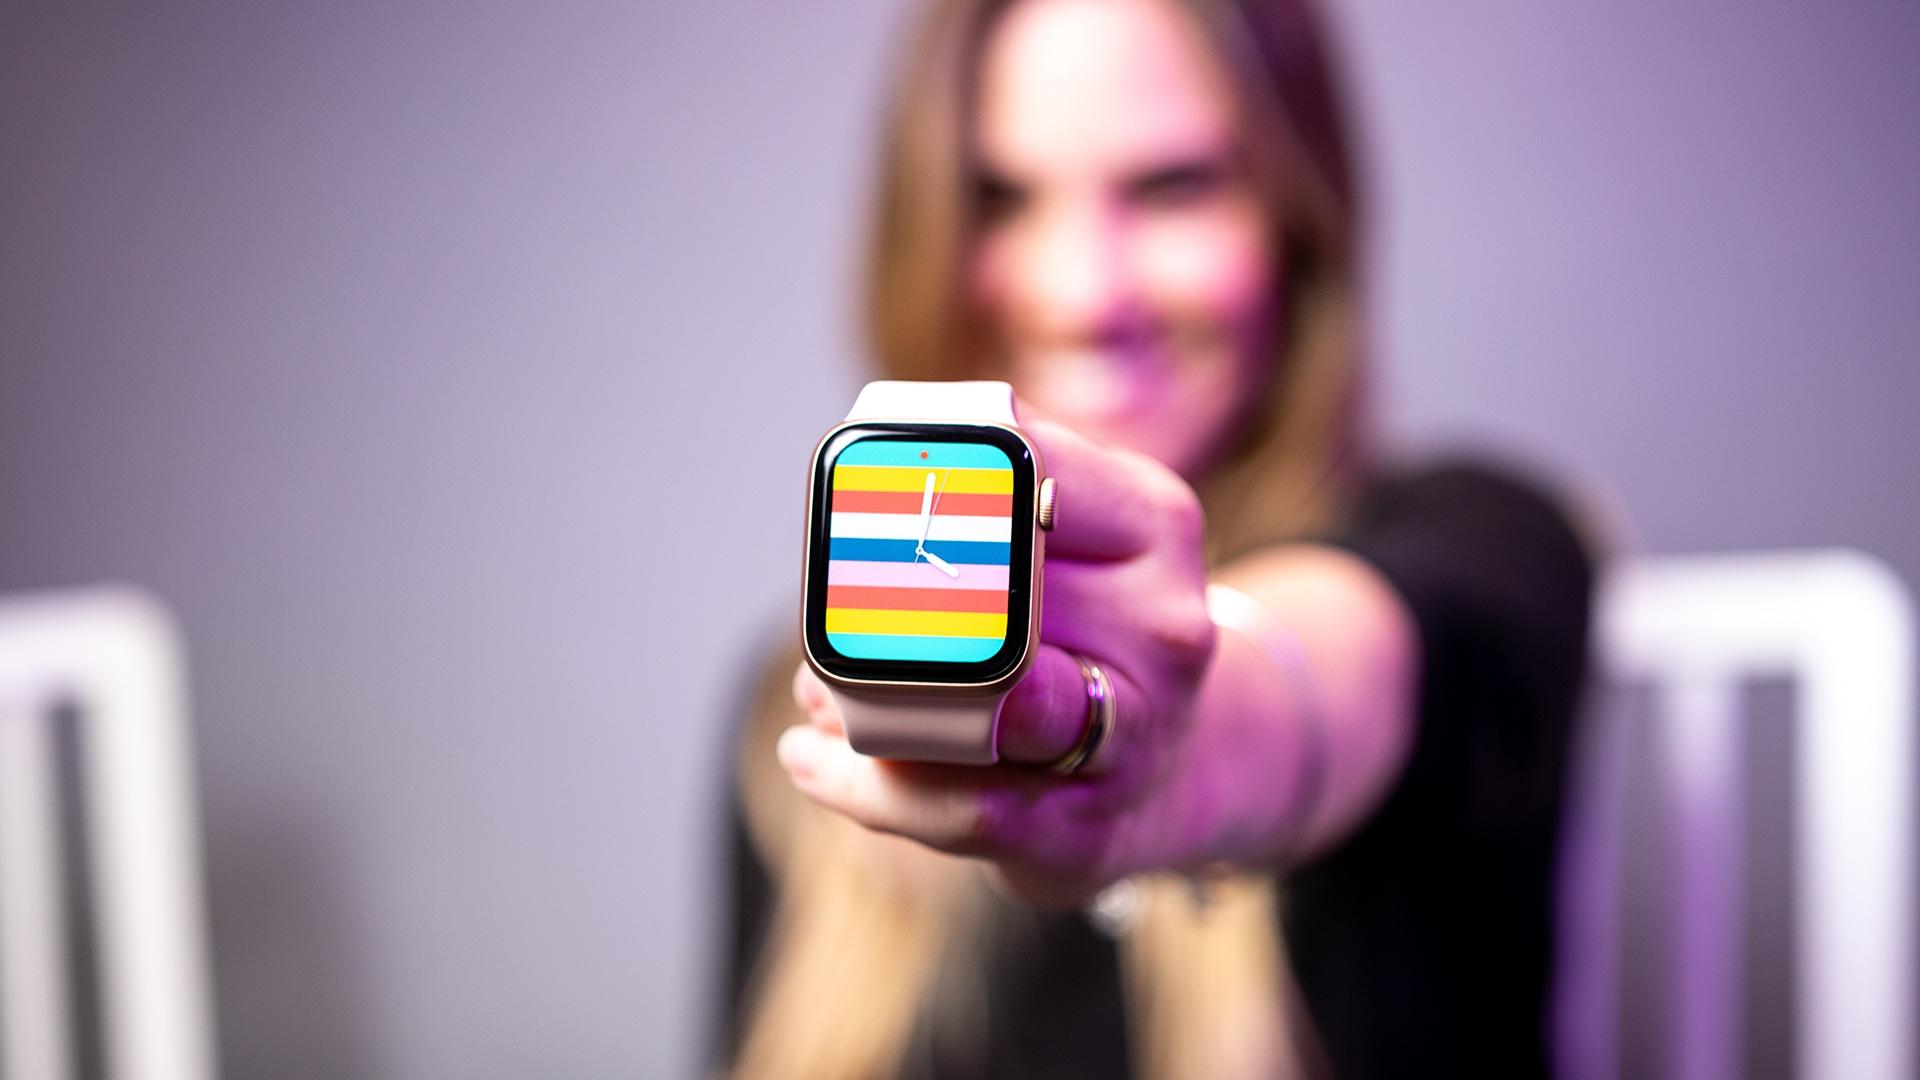 Vídeo: a esposa ganhou um Apple Watch SE!